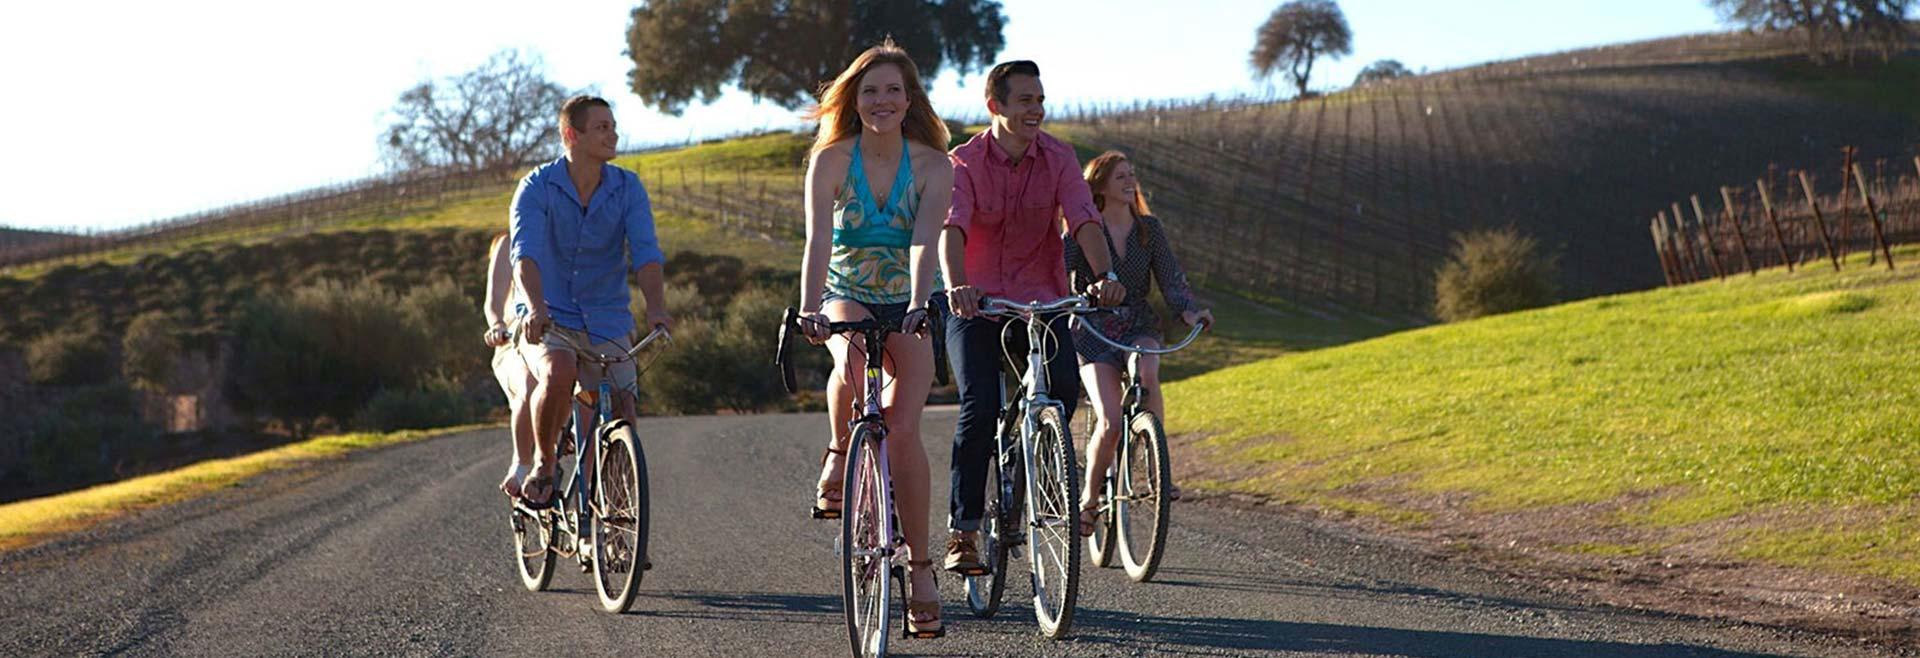 Paso Bike Tours at Paso Robles, California